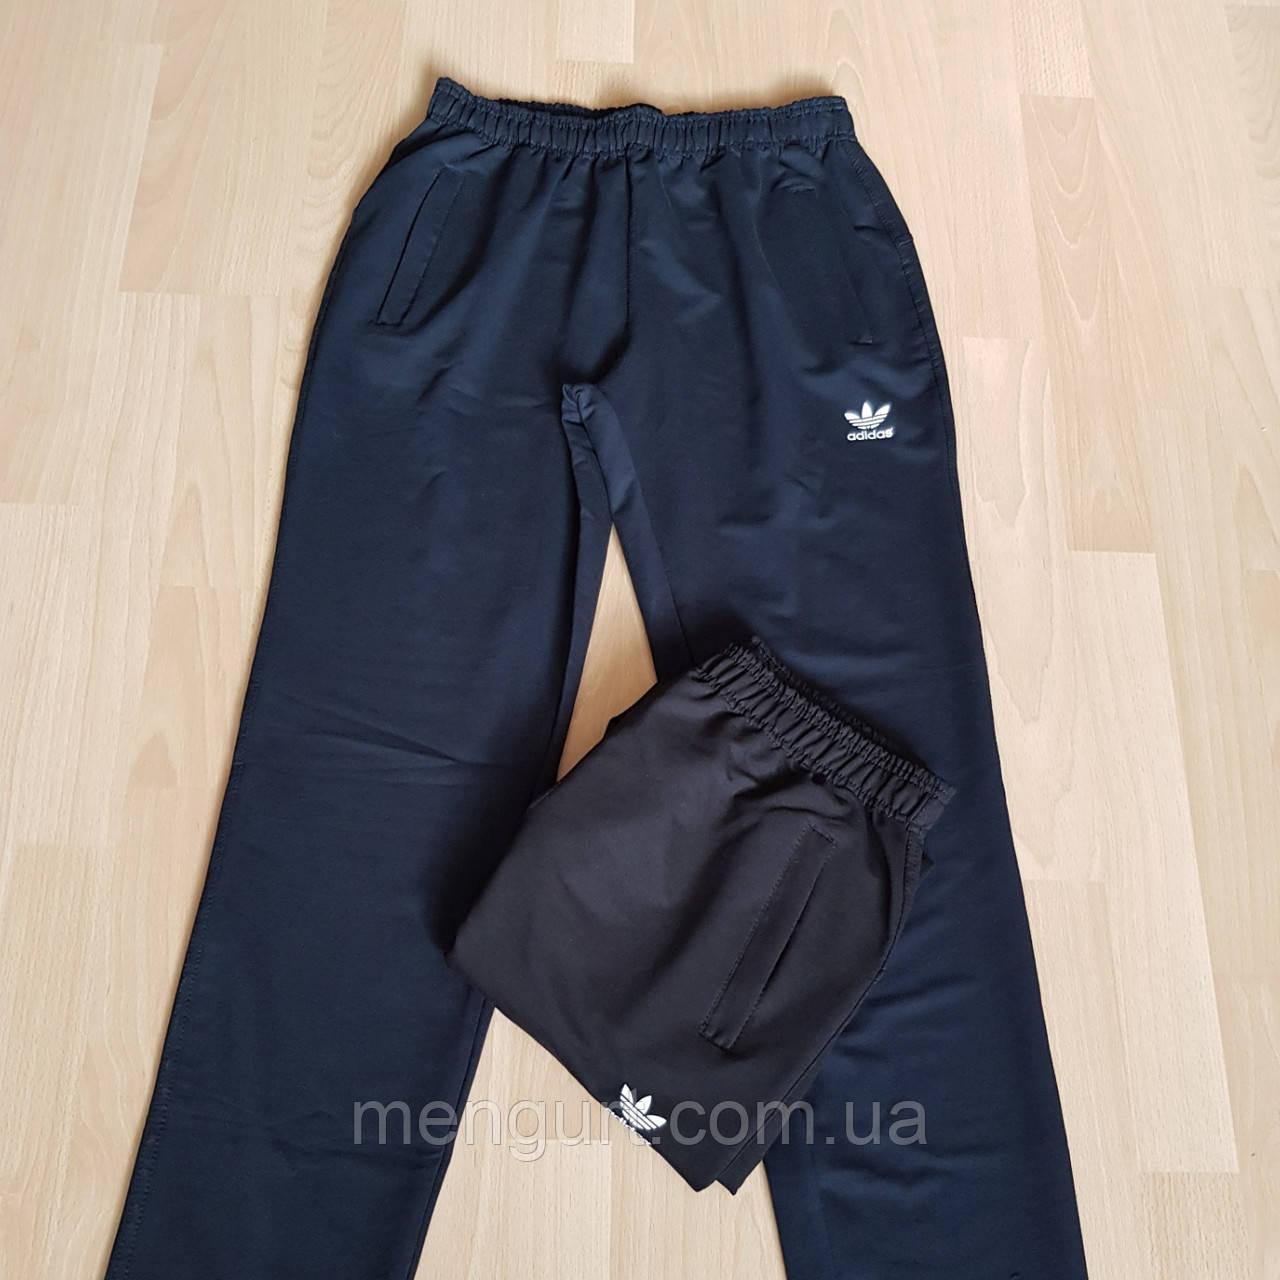 Штаны спортивные мужские  Reebok Adidas Nike Fila